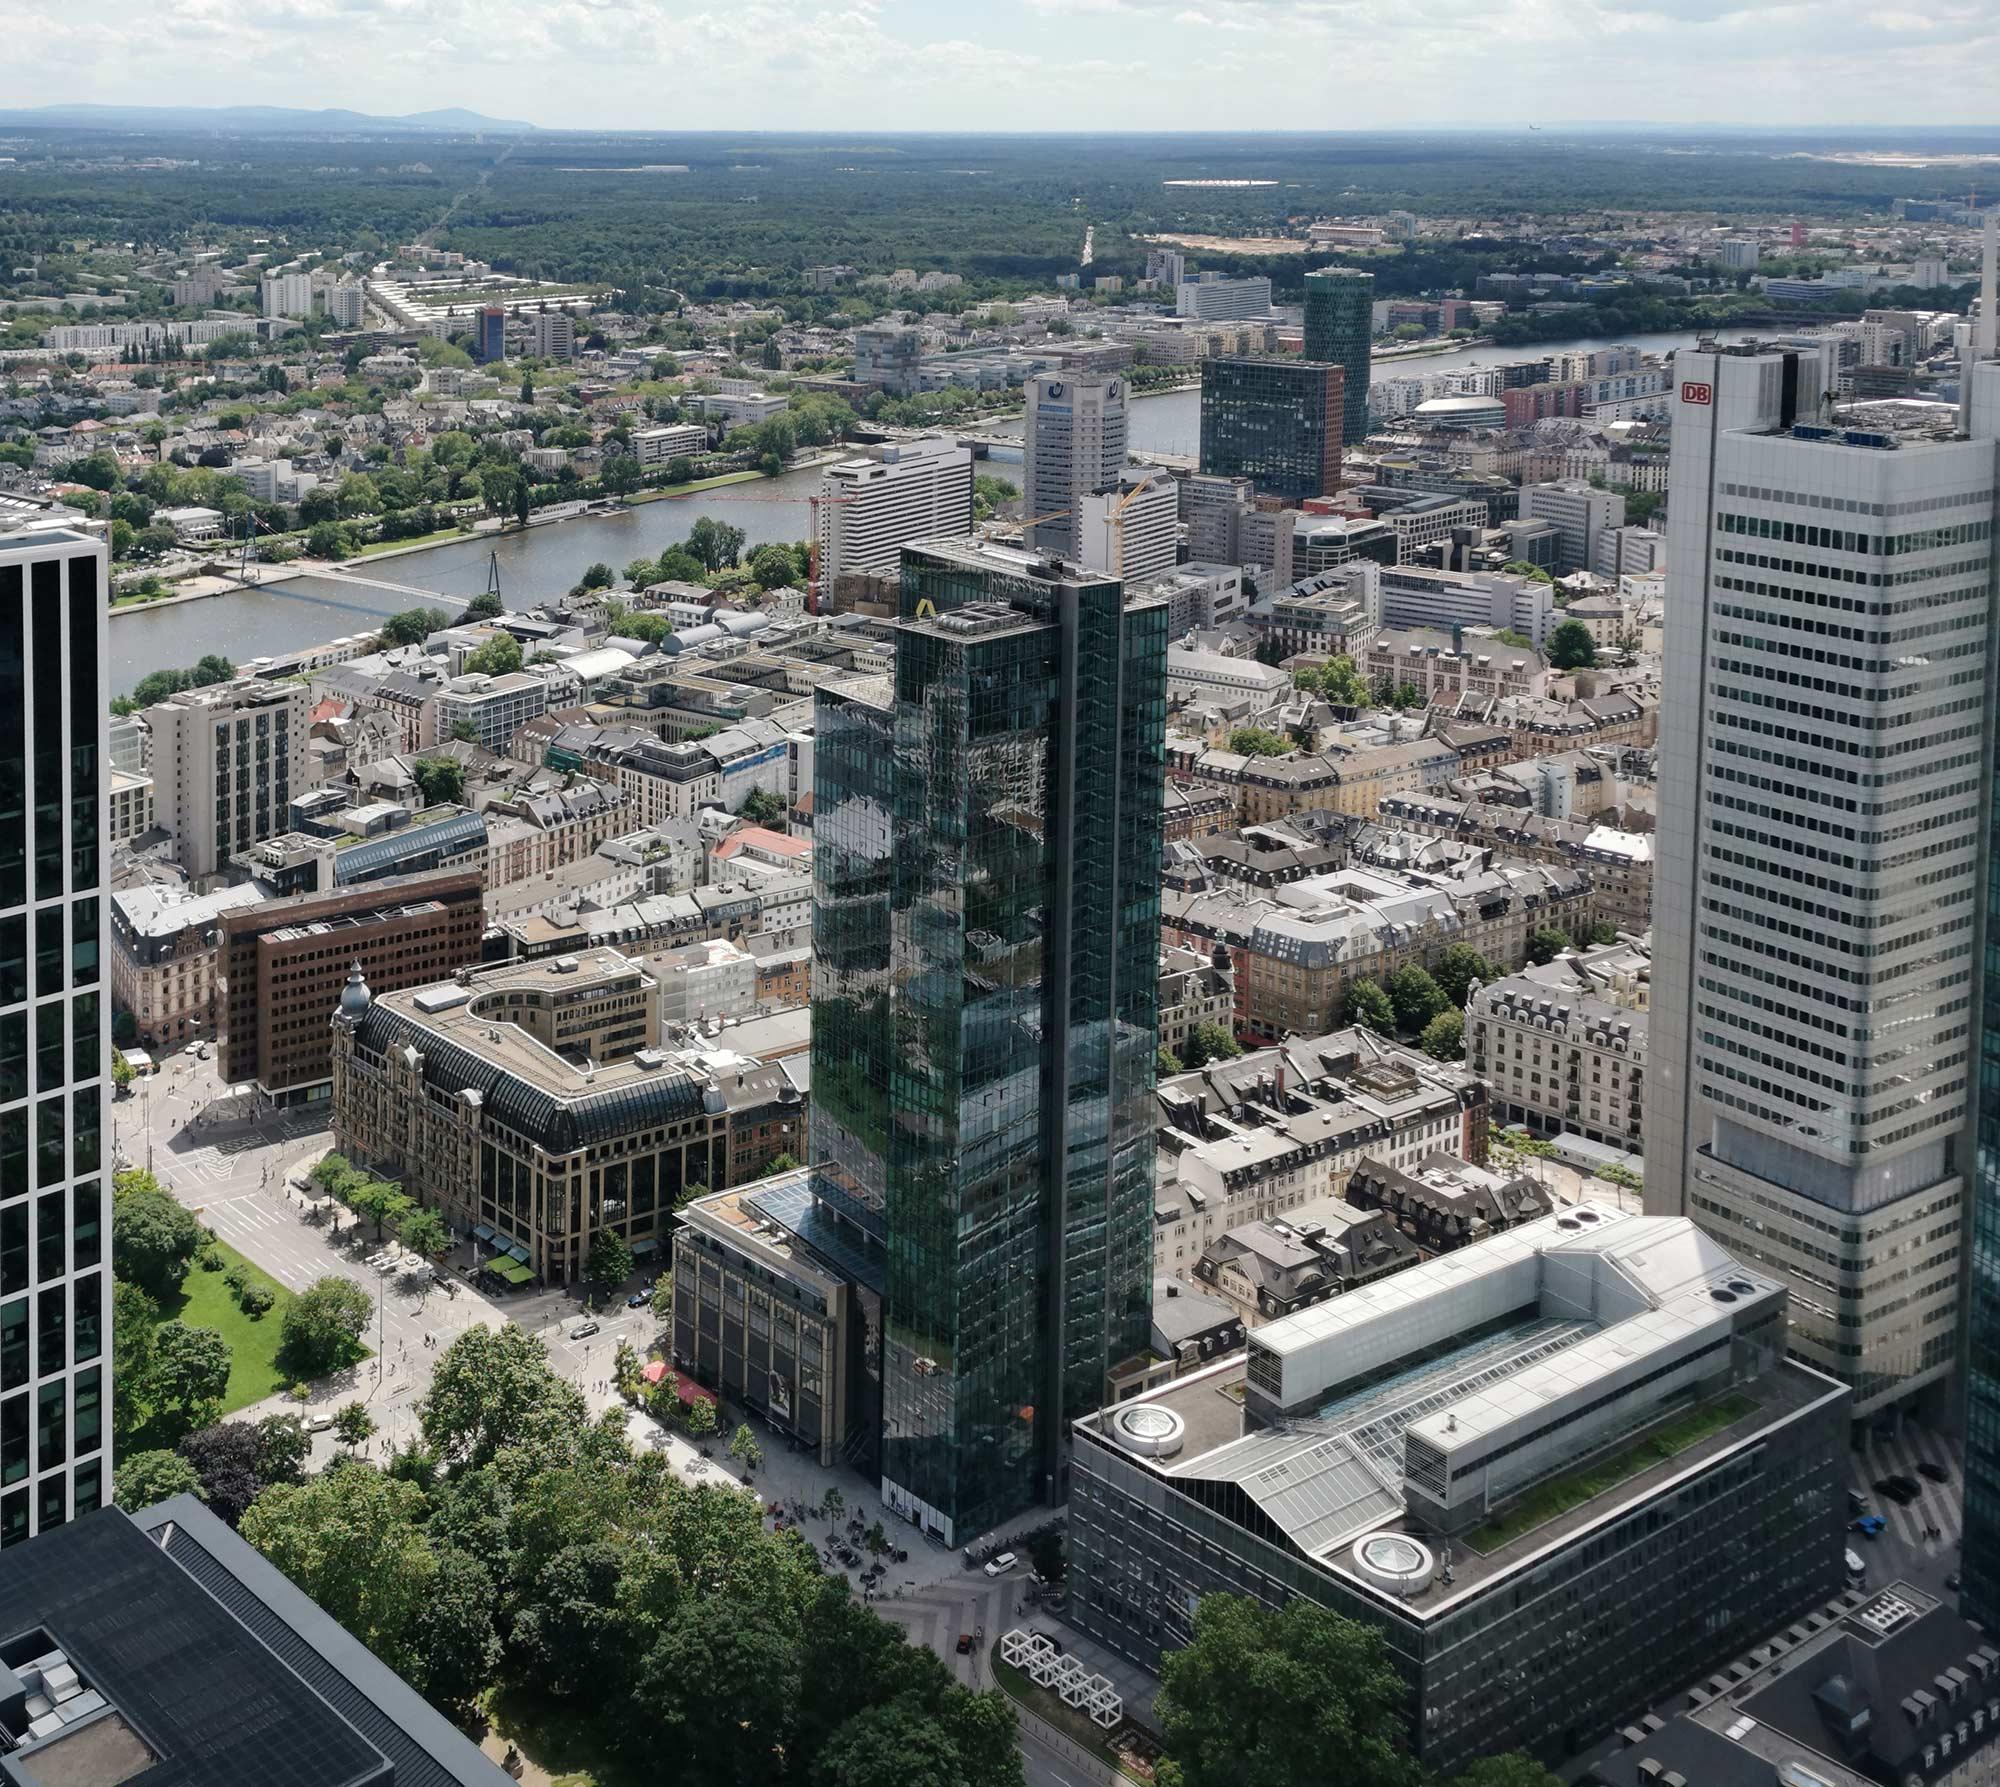 Gallileo Frankfurt - Hochhaus der Commerzbank - ehemaliges Dresdner Bank Hochhaus - Galileo Hochhaus an der Gallusanlage - Gallileohochhaus